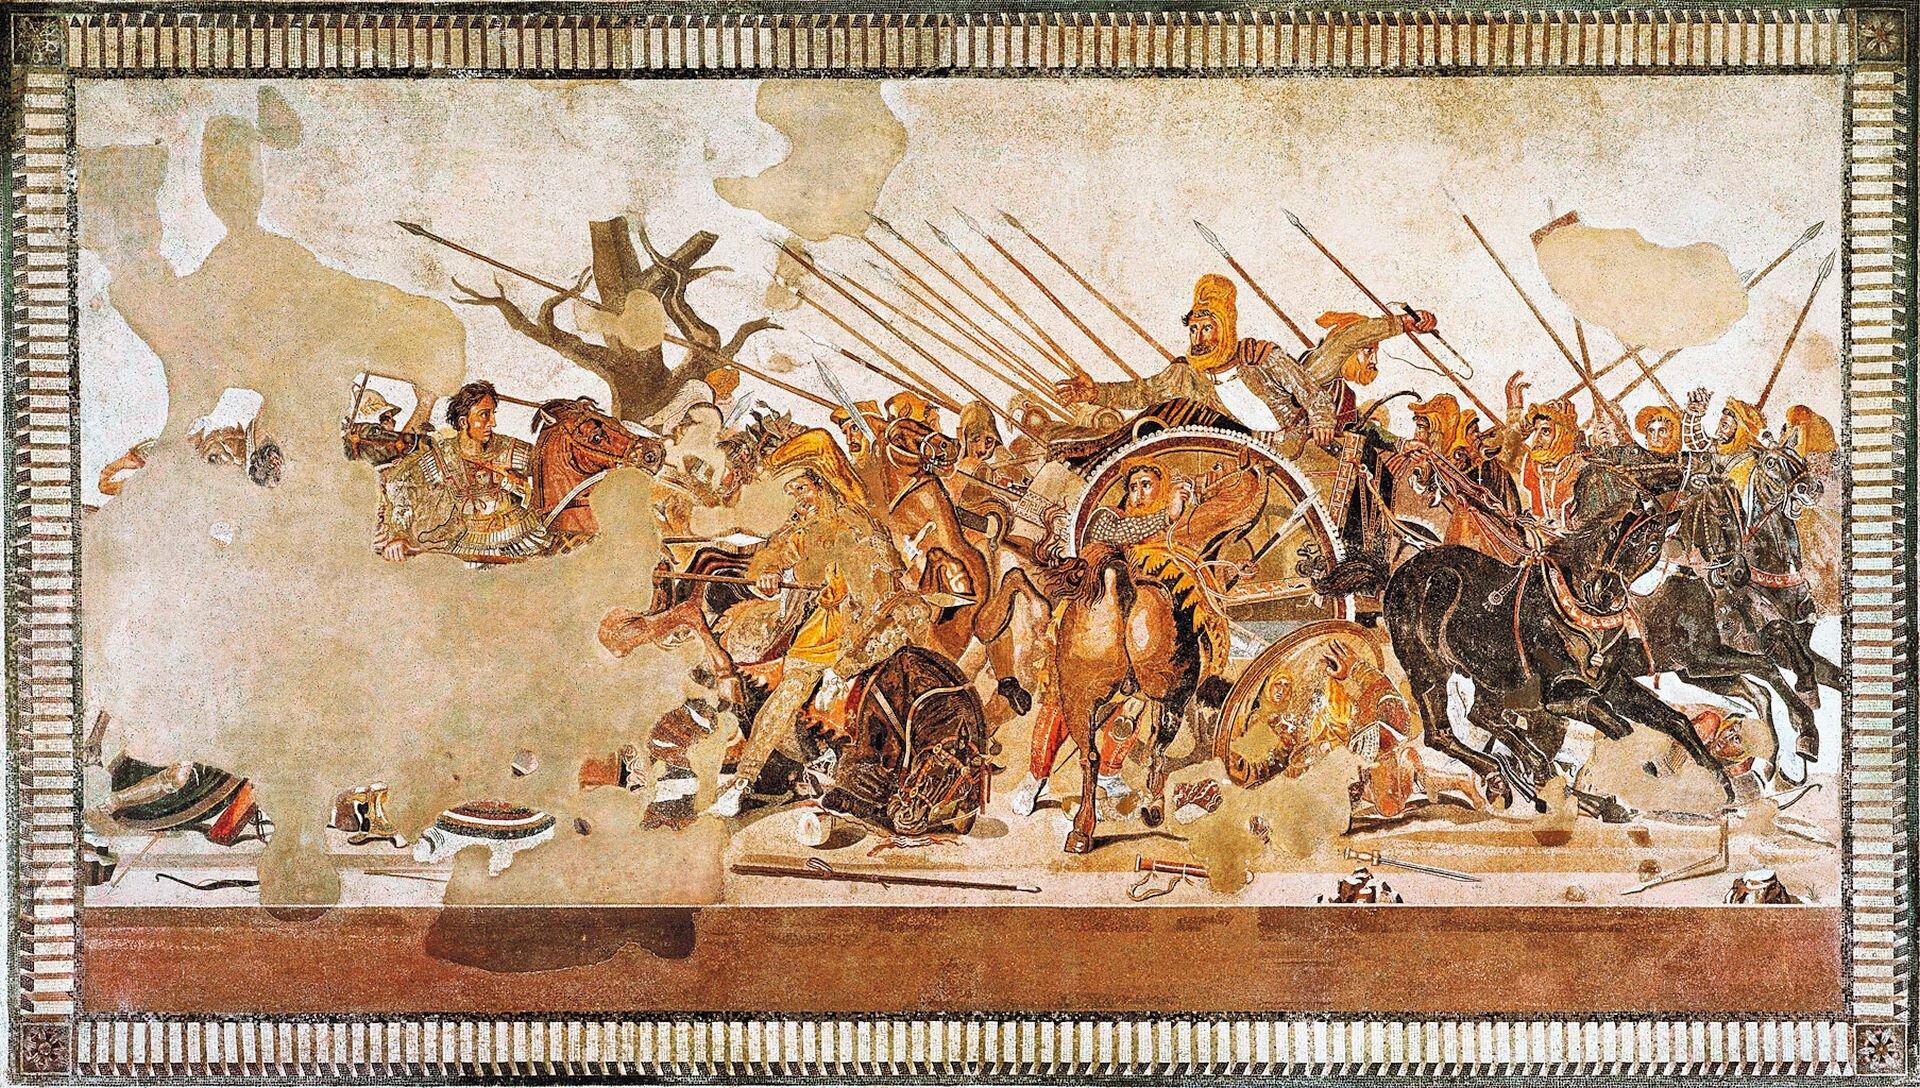 Ilustracja przedstawia mozaikę pochodzącą ztzw. Domu Fauna wPompejach. Ukazana jest na niej bitwa Macedończyków zPersami pod Issos w333 r. p.n. e. Przedstawieni są żołnierze walczący konno na polu bitwy. Zlewej strony obrazu znajduje się Aleksander Wielki na koniu. Ubrany jest wsrebrną zbroję; ma czarne krótkie włosy iduże oczy. Naciera na króla Persów – Dariusza, który siedzi na kwadrydze obok woźnicy. Mimo, że jest atakowany ze wszystkich stron, wychyla się zpowozu wyciągając przed siebie rękę. Ma na głowie żółtą chustę; ubrany jest wciemną szatę ijasną koszulę. Po lewej stronie ilustracji znajduje się nagie drzewo symbolizujące zimę – porę roku, podczas której rozegrano bitwę.